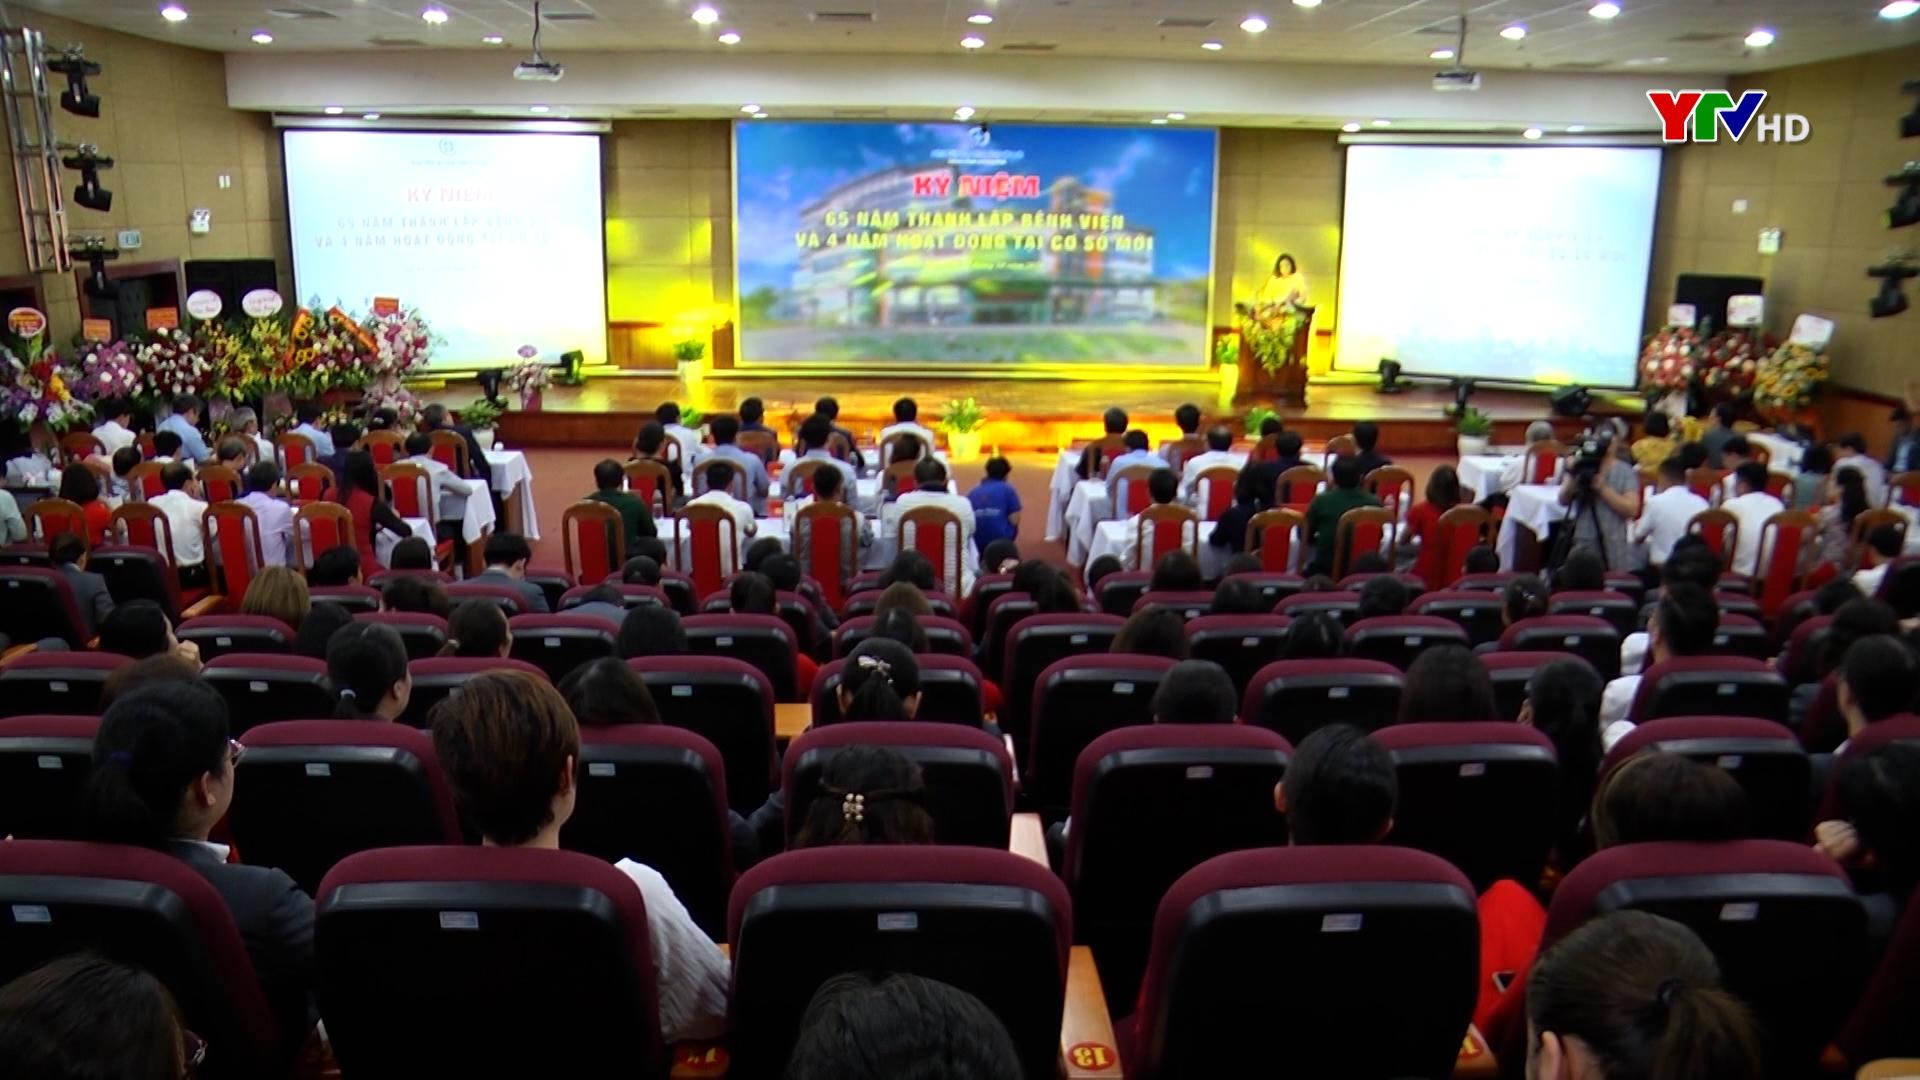 Bệnh viện Đa khoa tỉnh Yên Bái kỷ niệm 65 năm thành lập